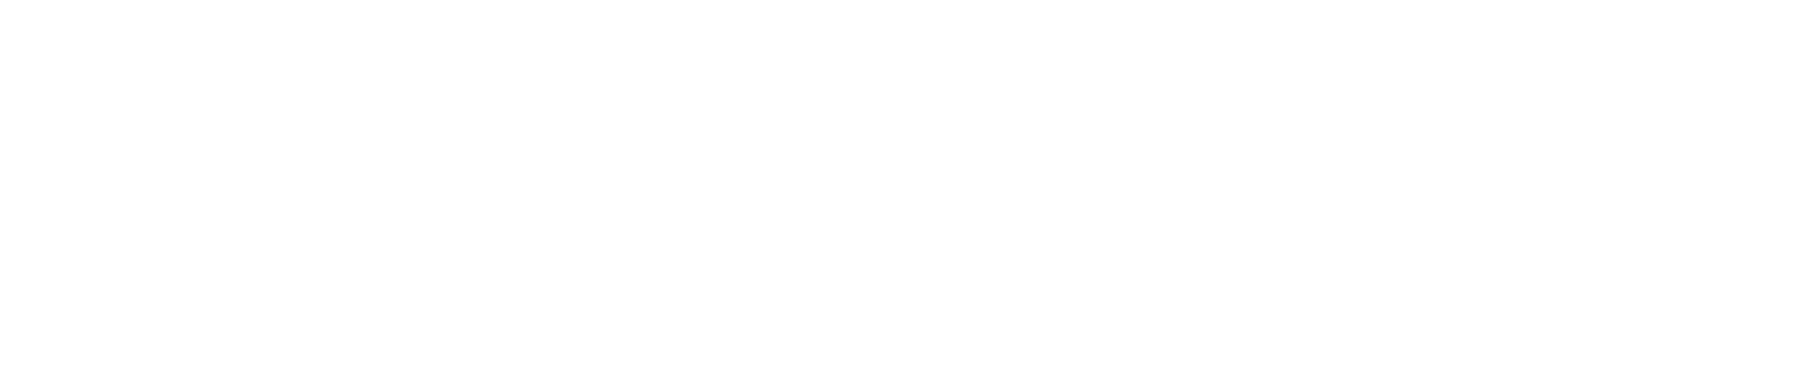 Bretton Architectural